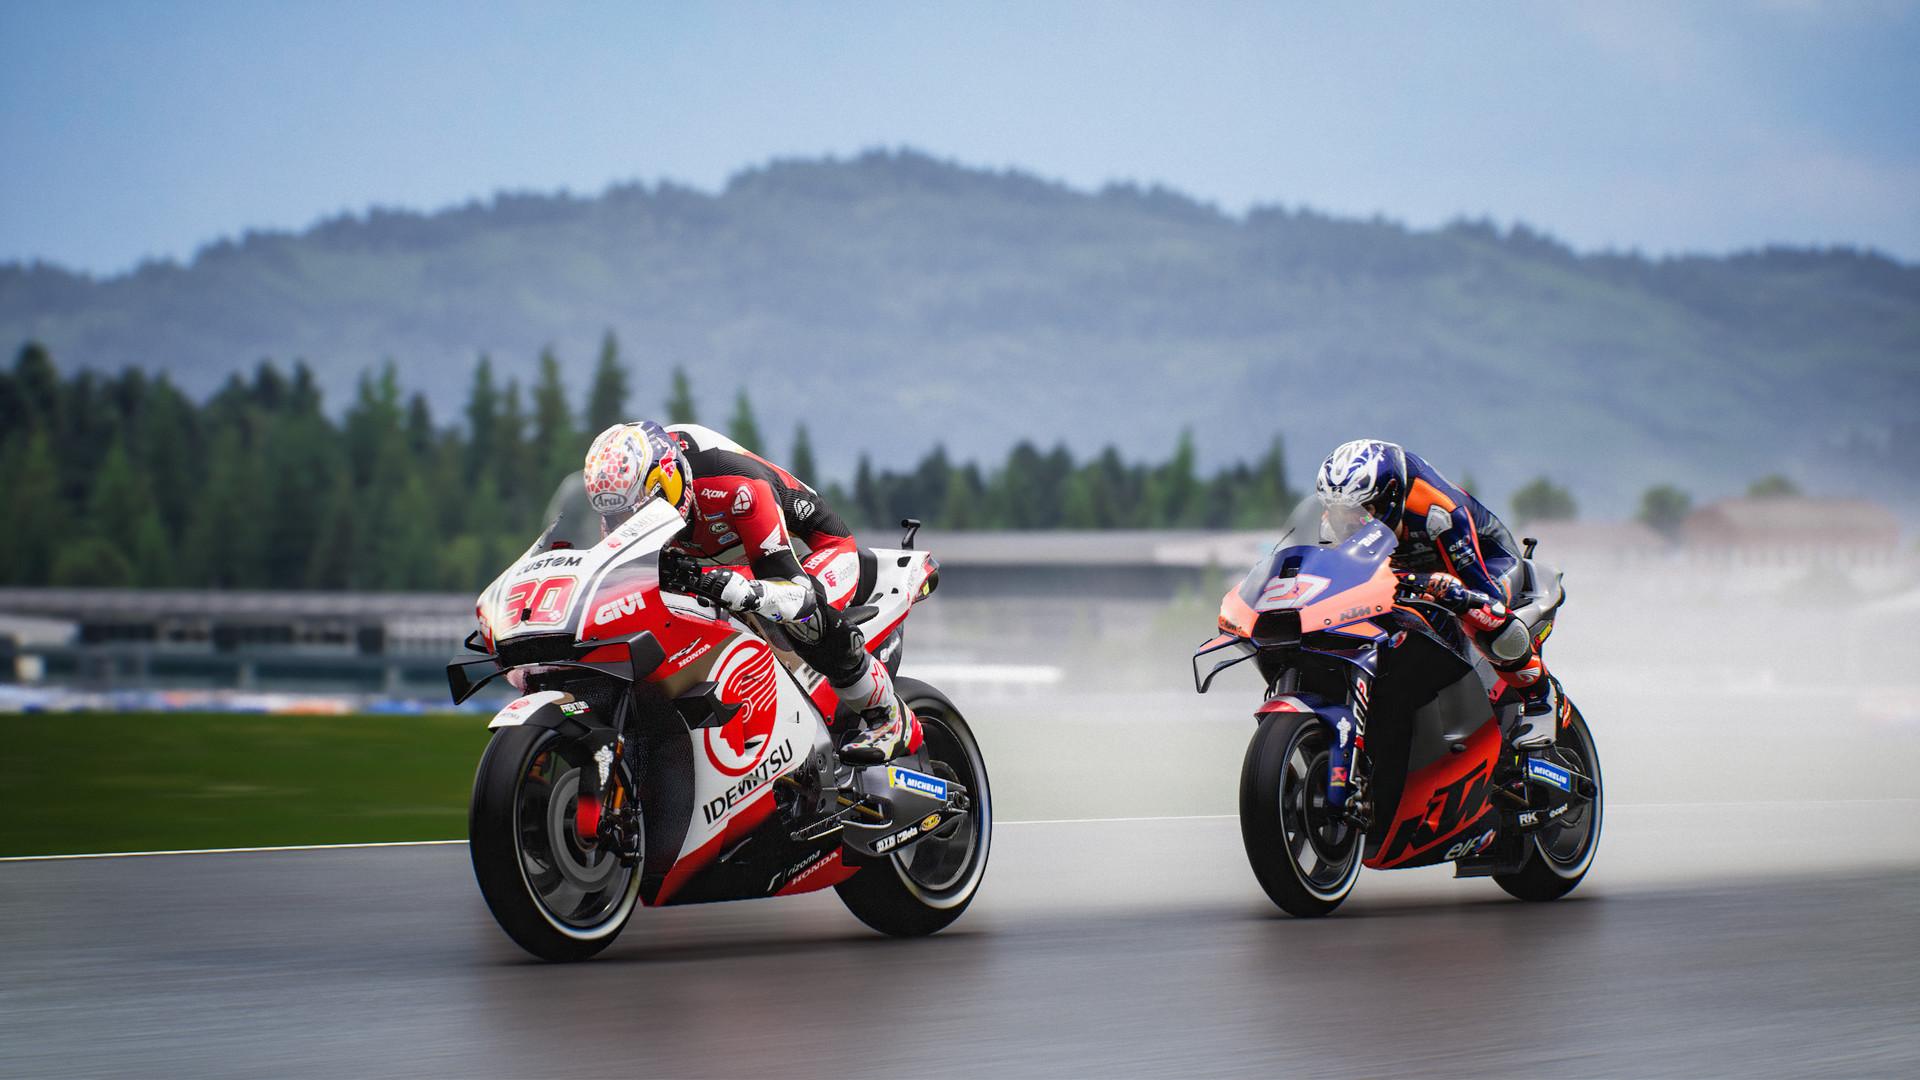 世界摩托大奖赛21/MotoGP21插图13